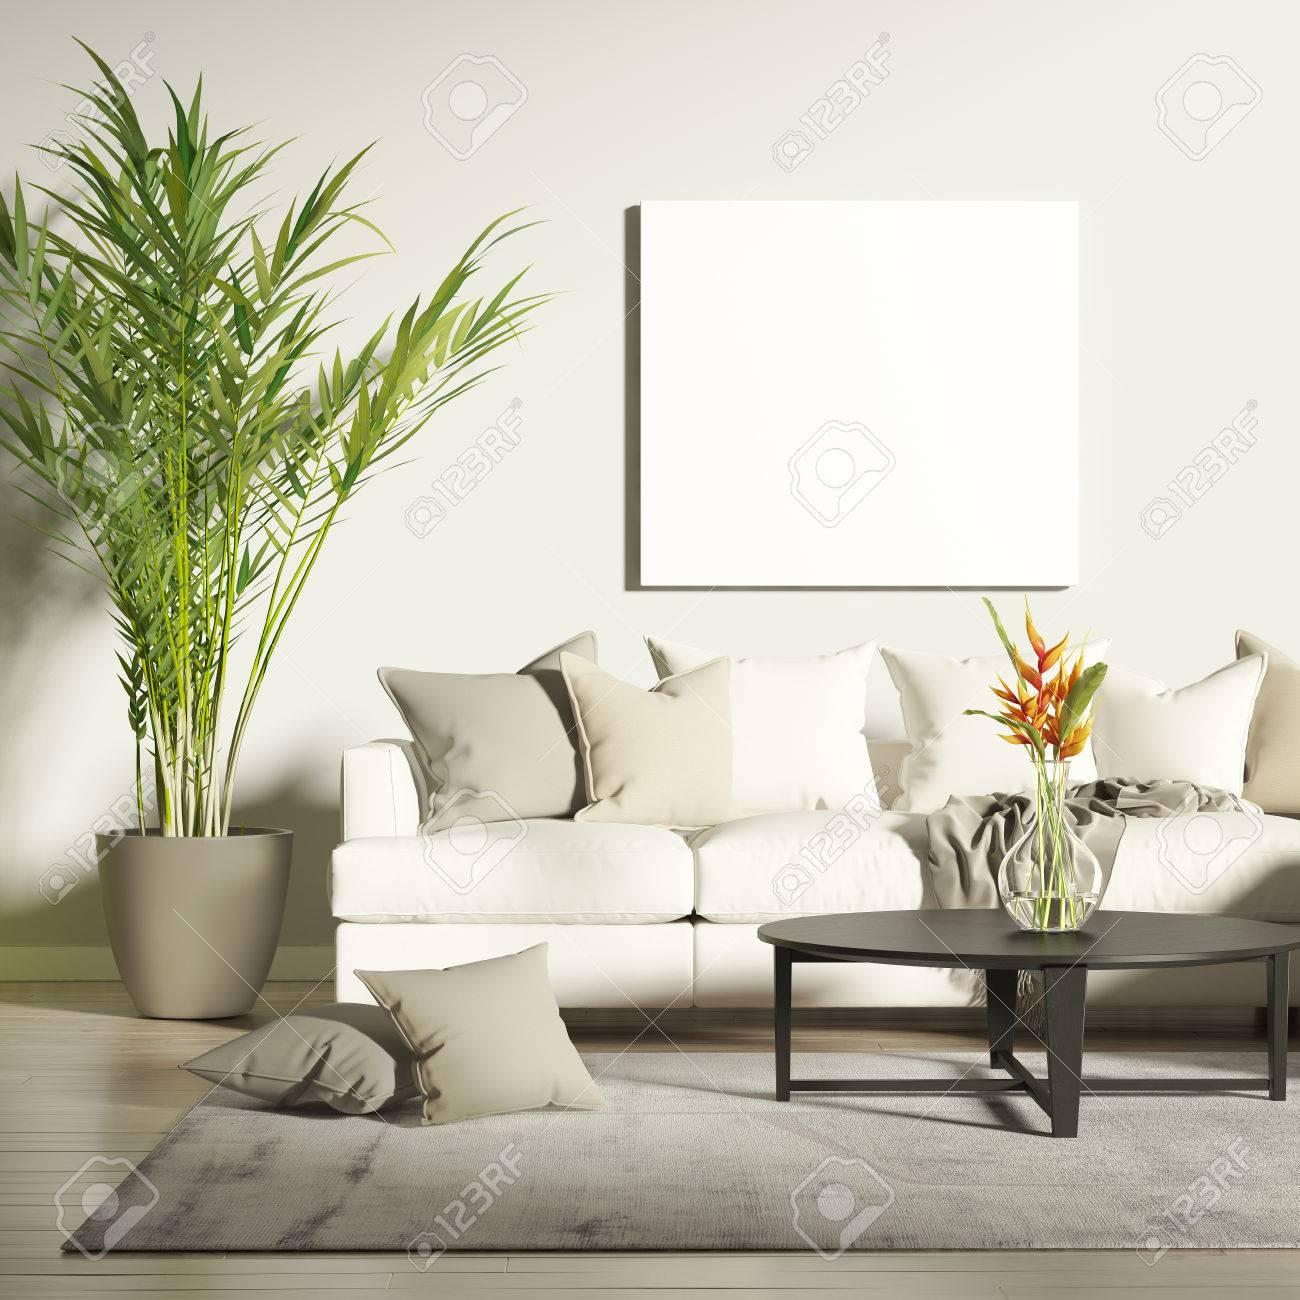 Zeitgenössisches Wohnzimmer Mit Mock-Up-Poster Lizenzfreie Fotos ...